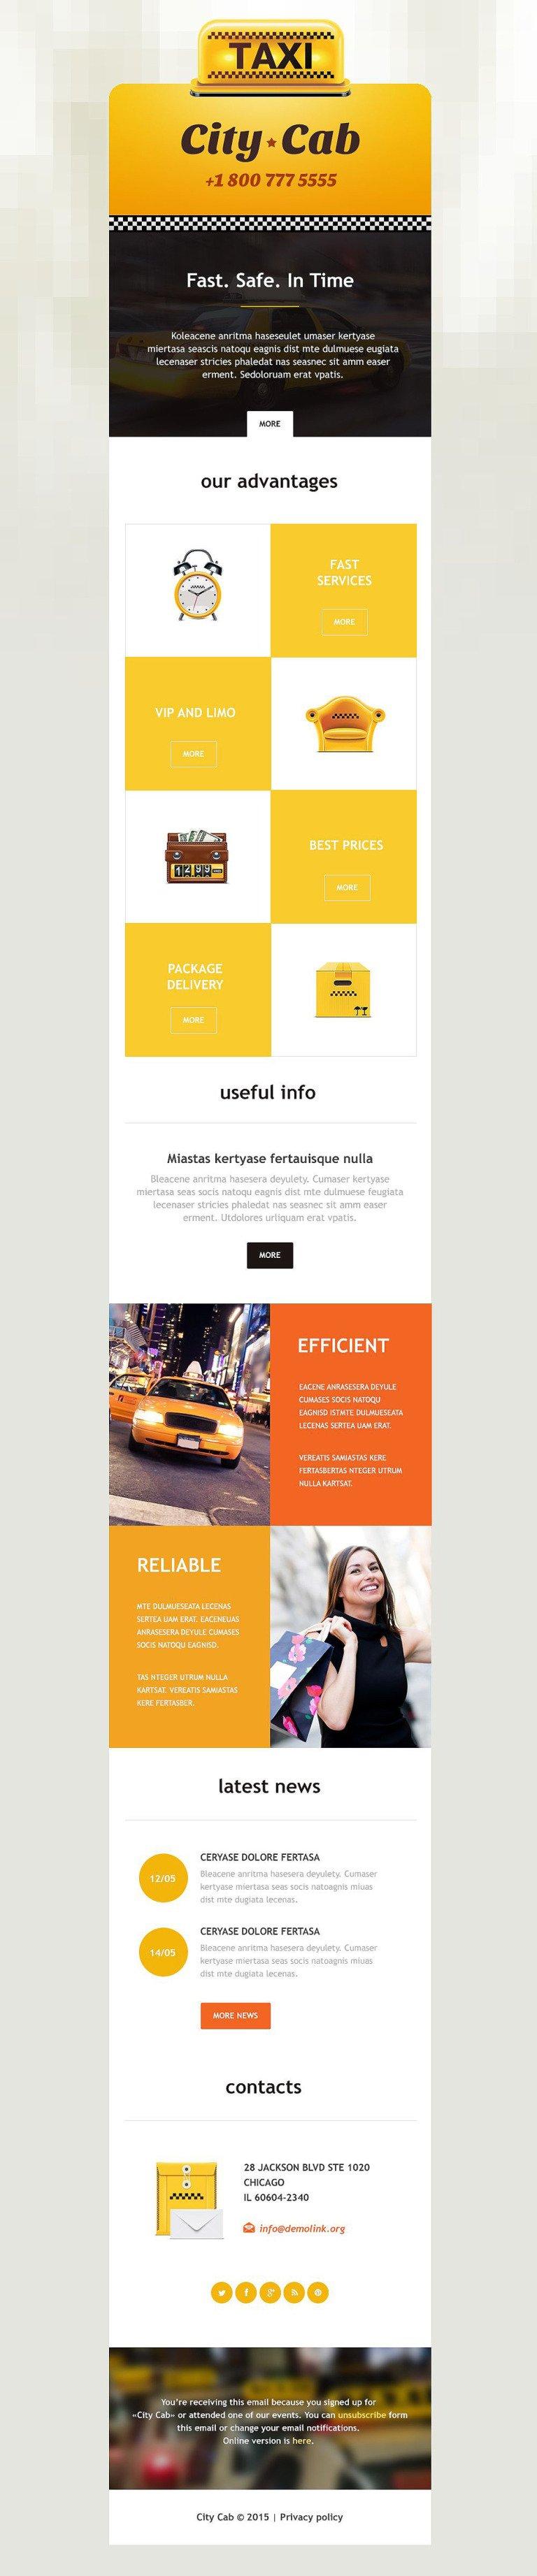 Taxi Responsive Newsletter Template New Screenshots BIG